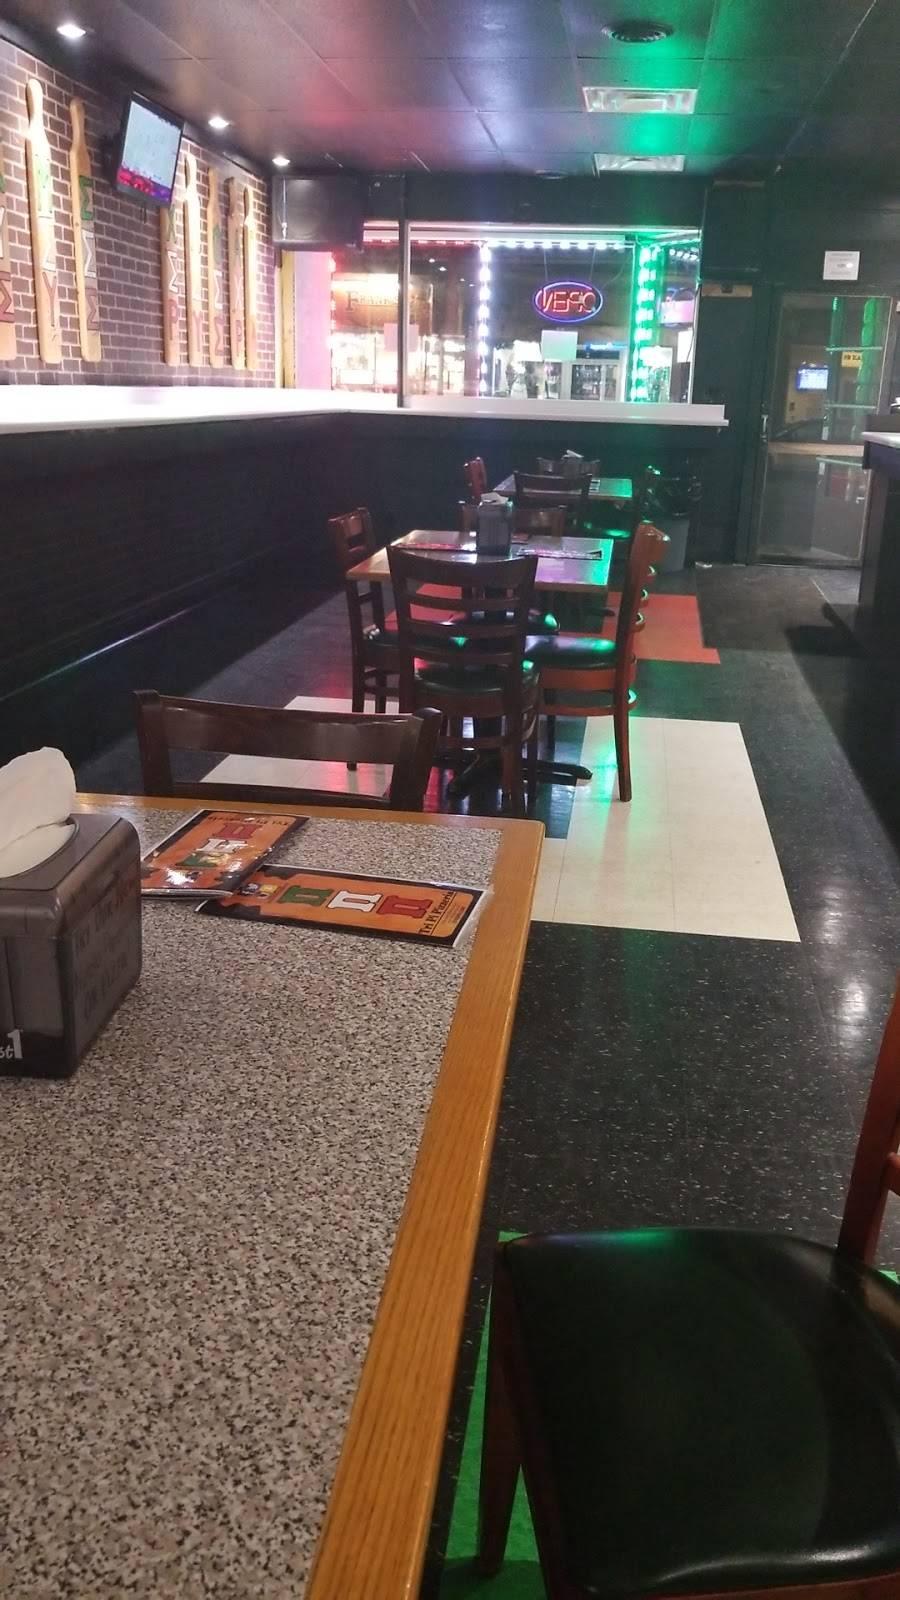 Tri Pi Pizzeria | restaurant | 55 E Main St, Bloomsburg, PA 17815, USA | 5703891200 OR +1 570-389-1200